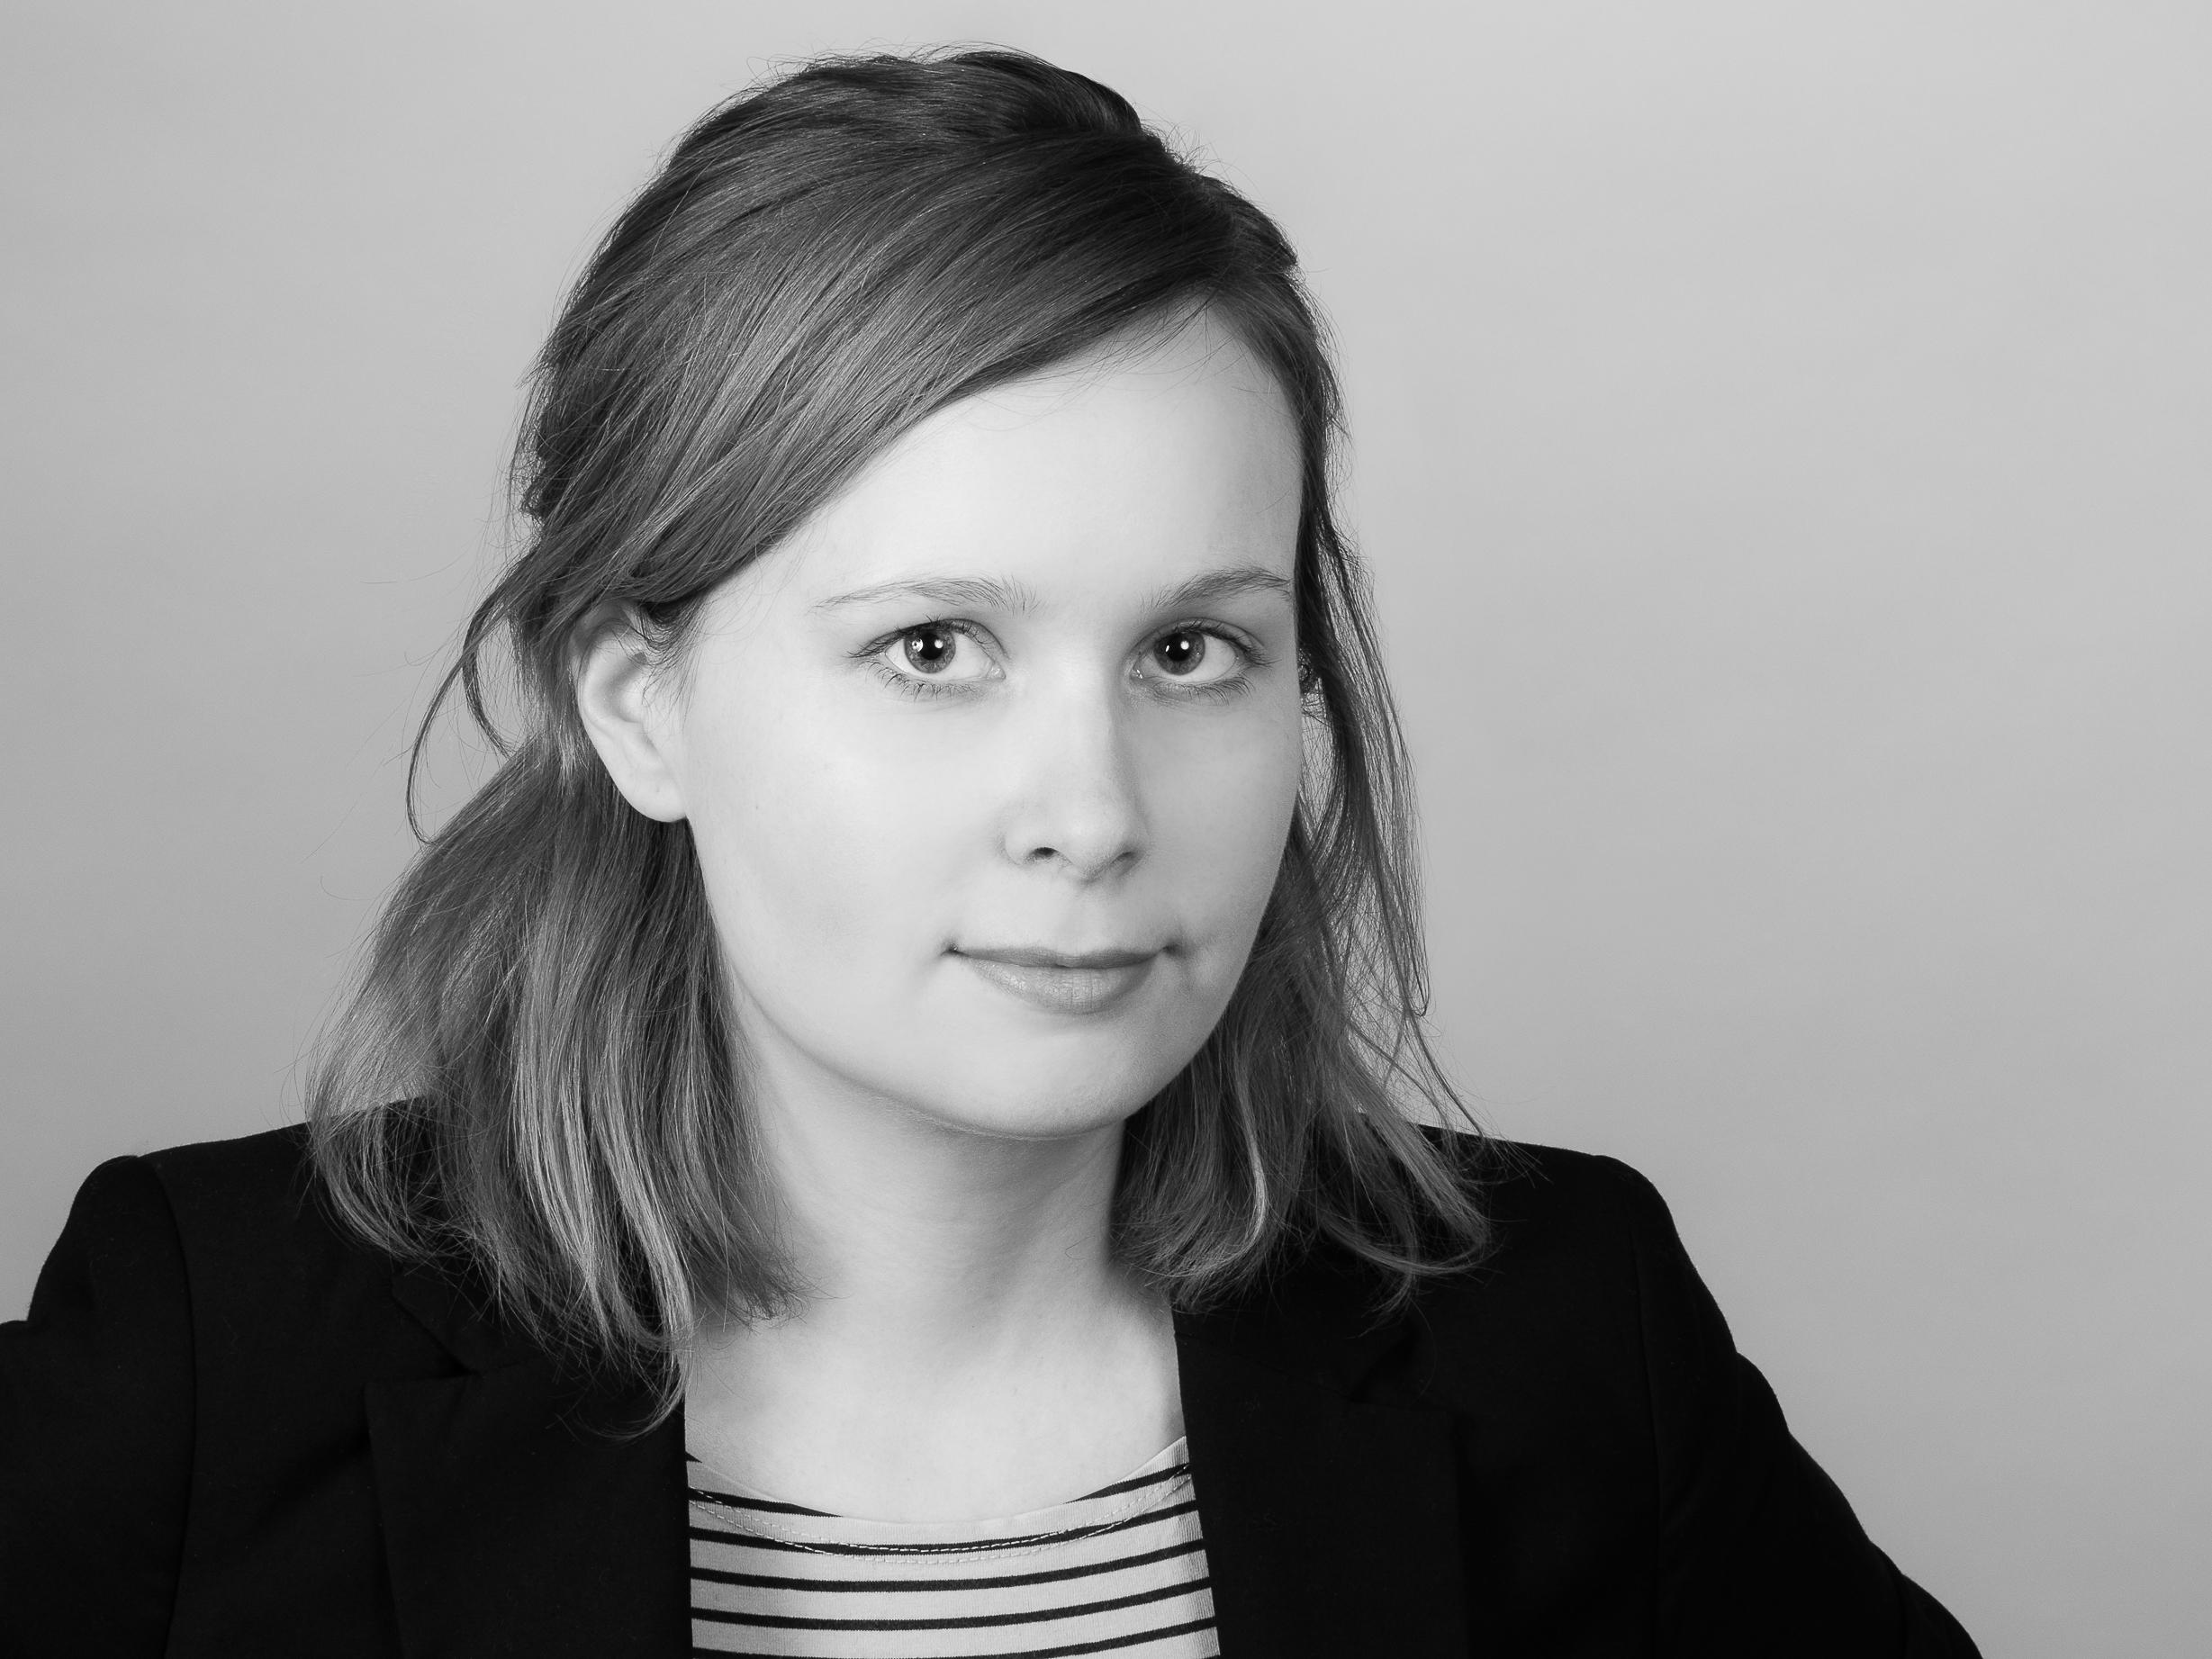 Julia Dettke